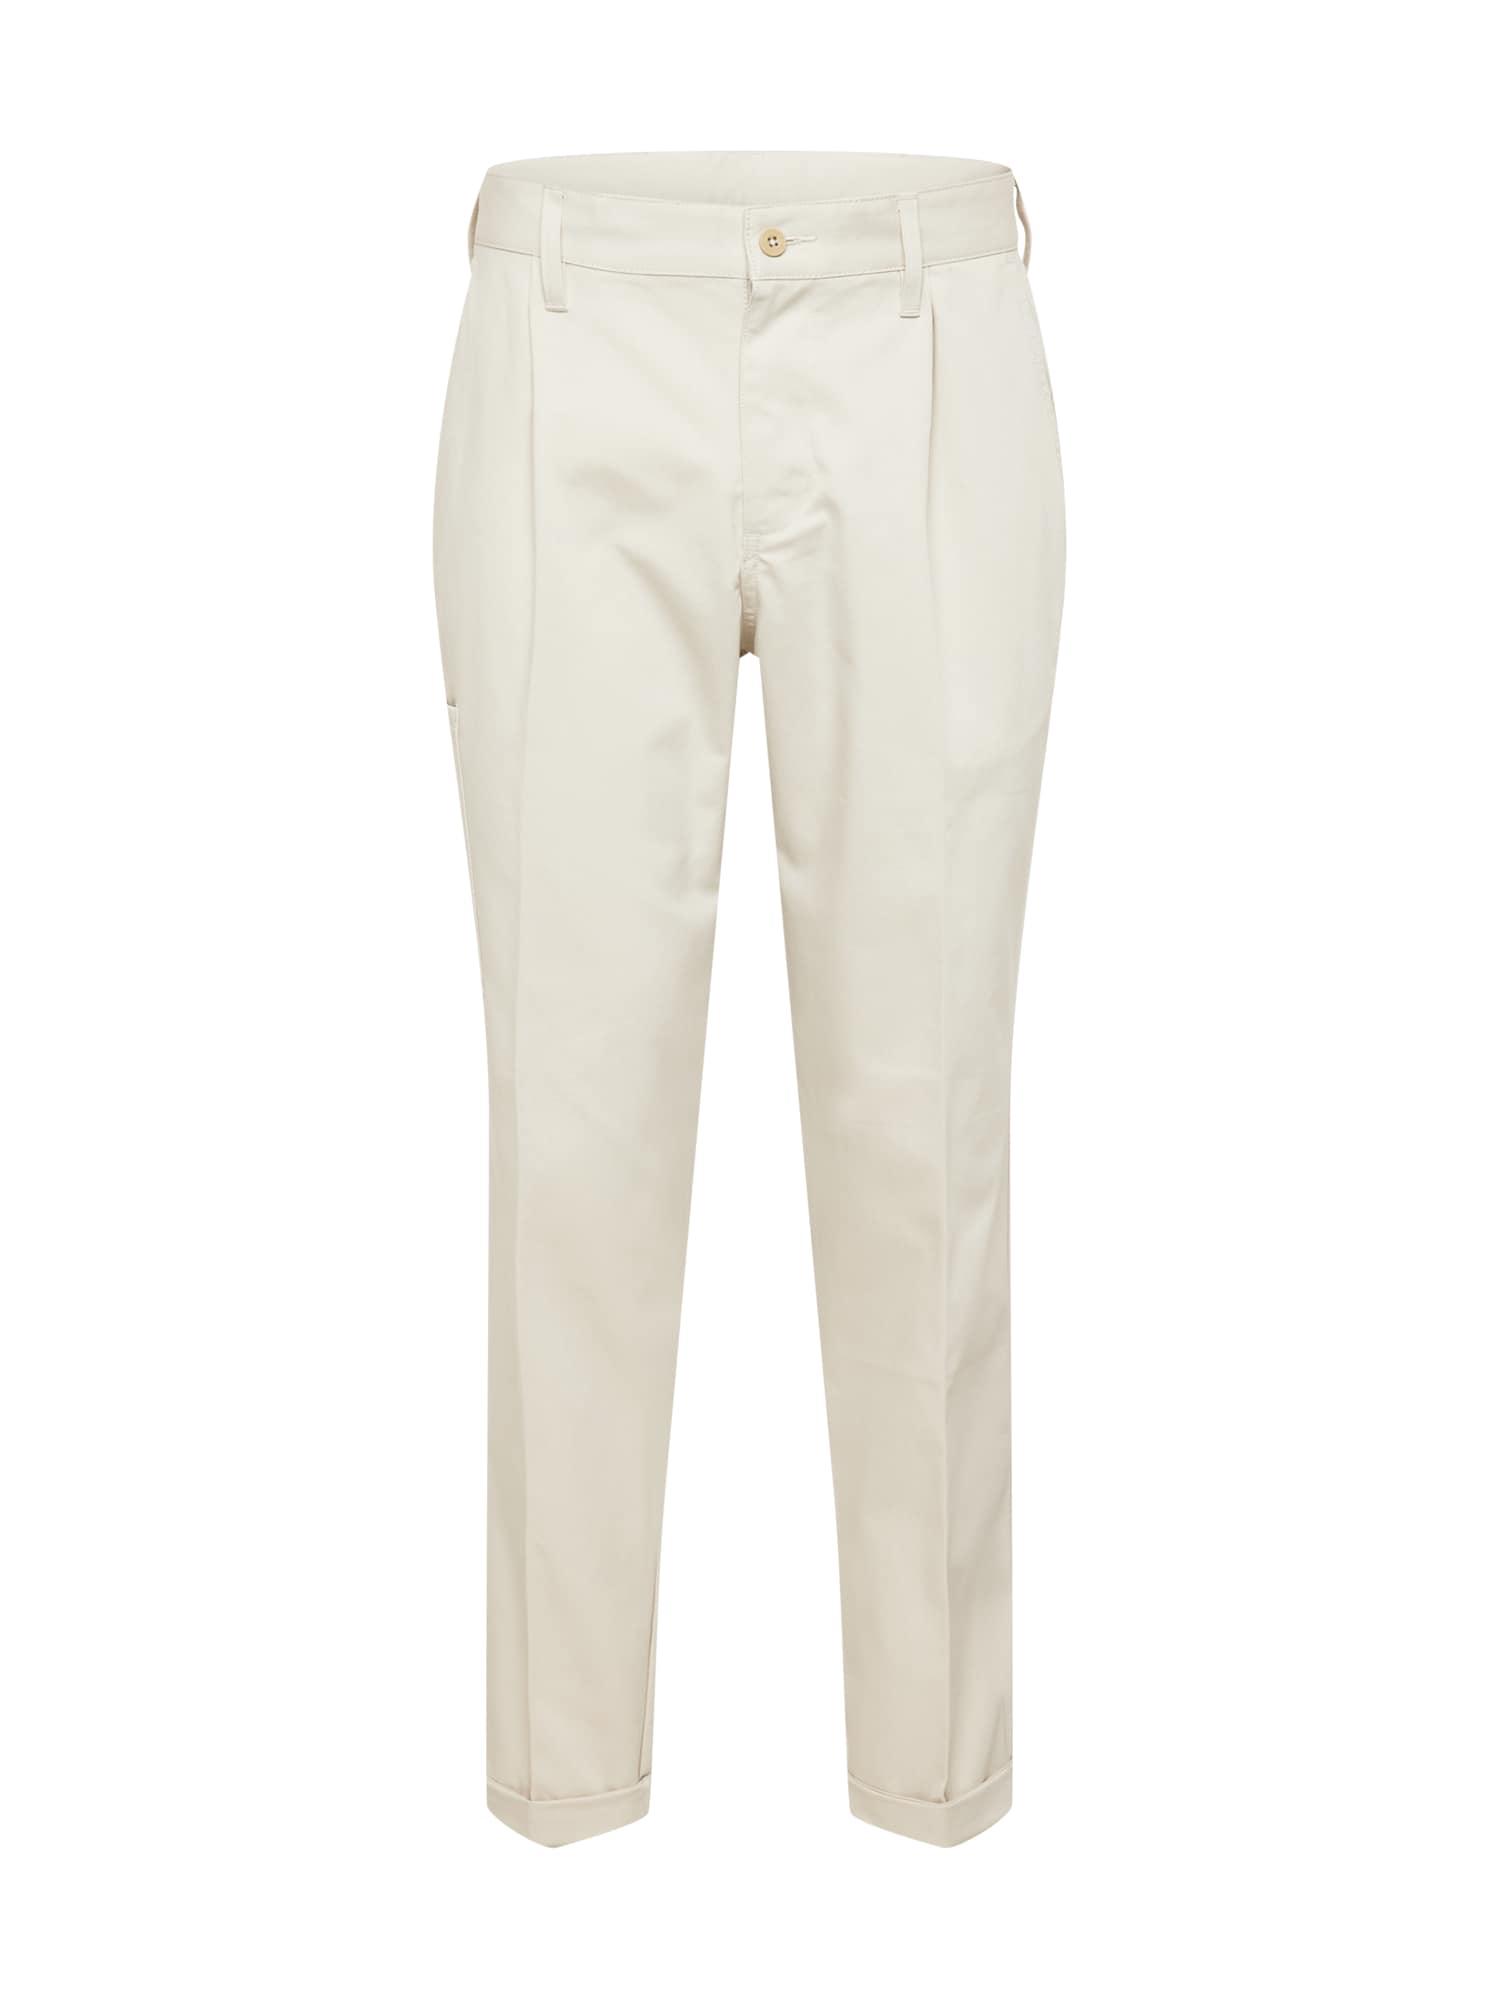 adidas Golf Sportinės kelnės gelsvai pilka spalva